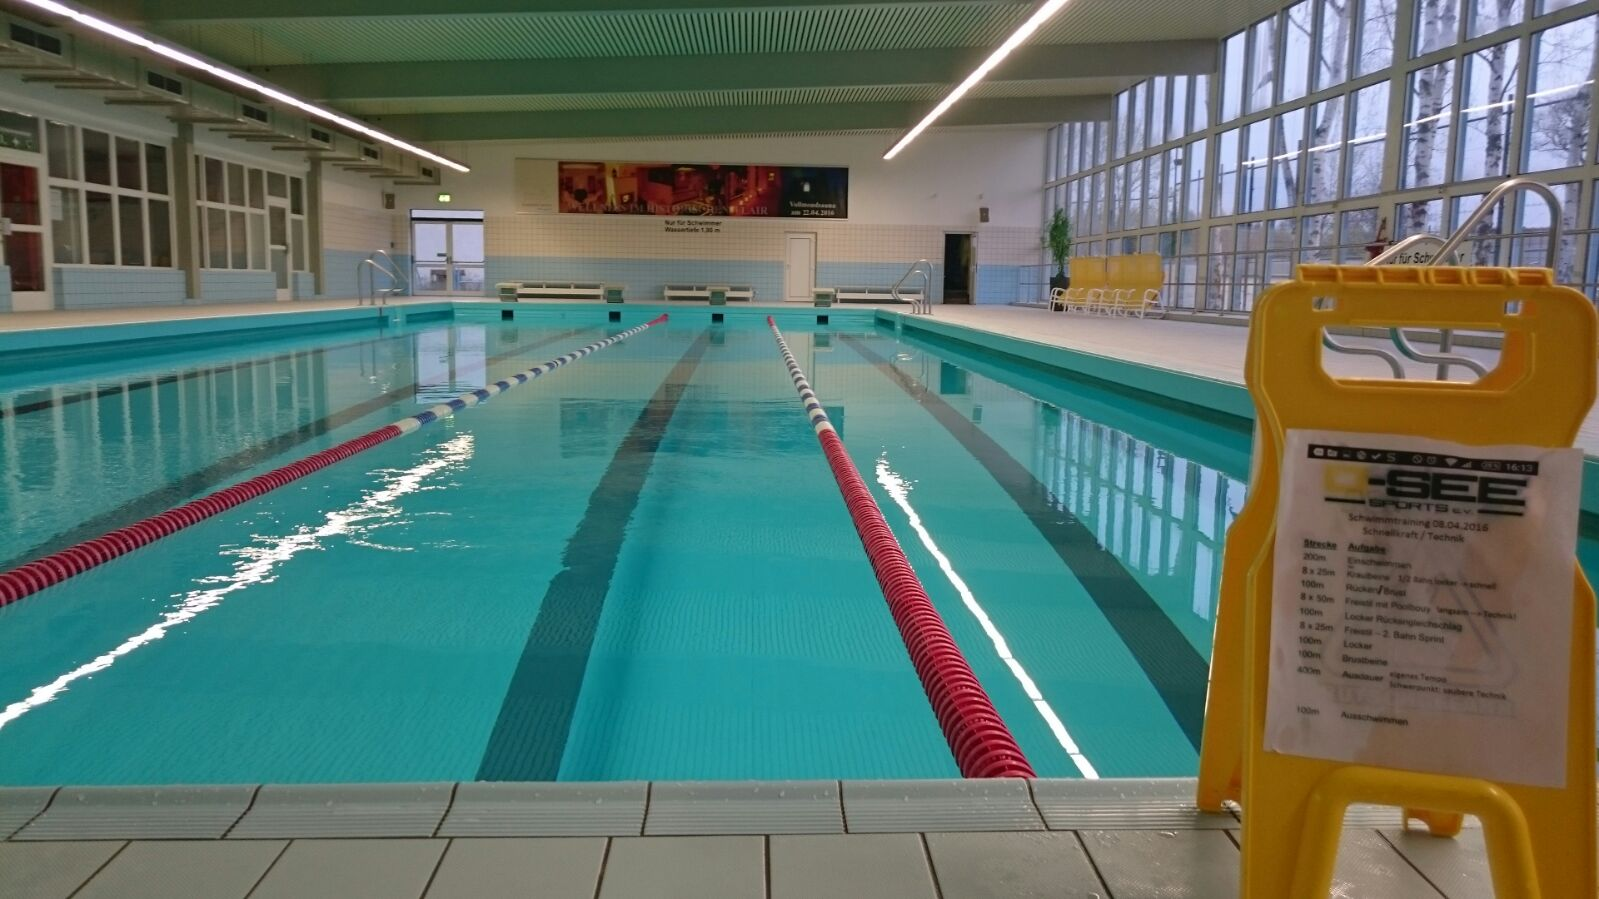 hfelde swim